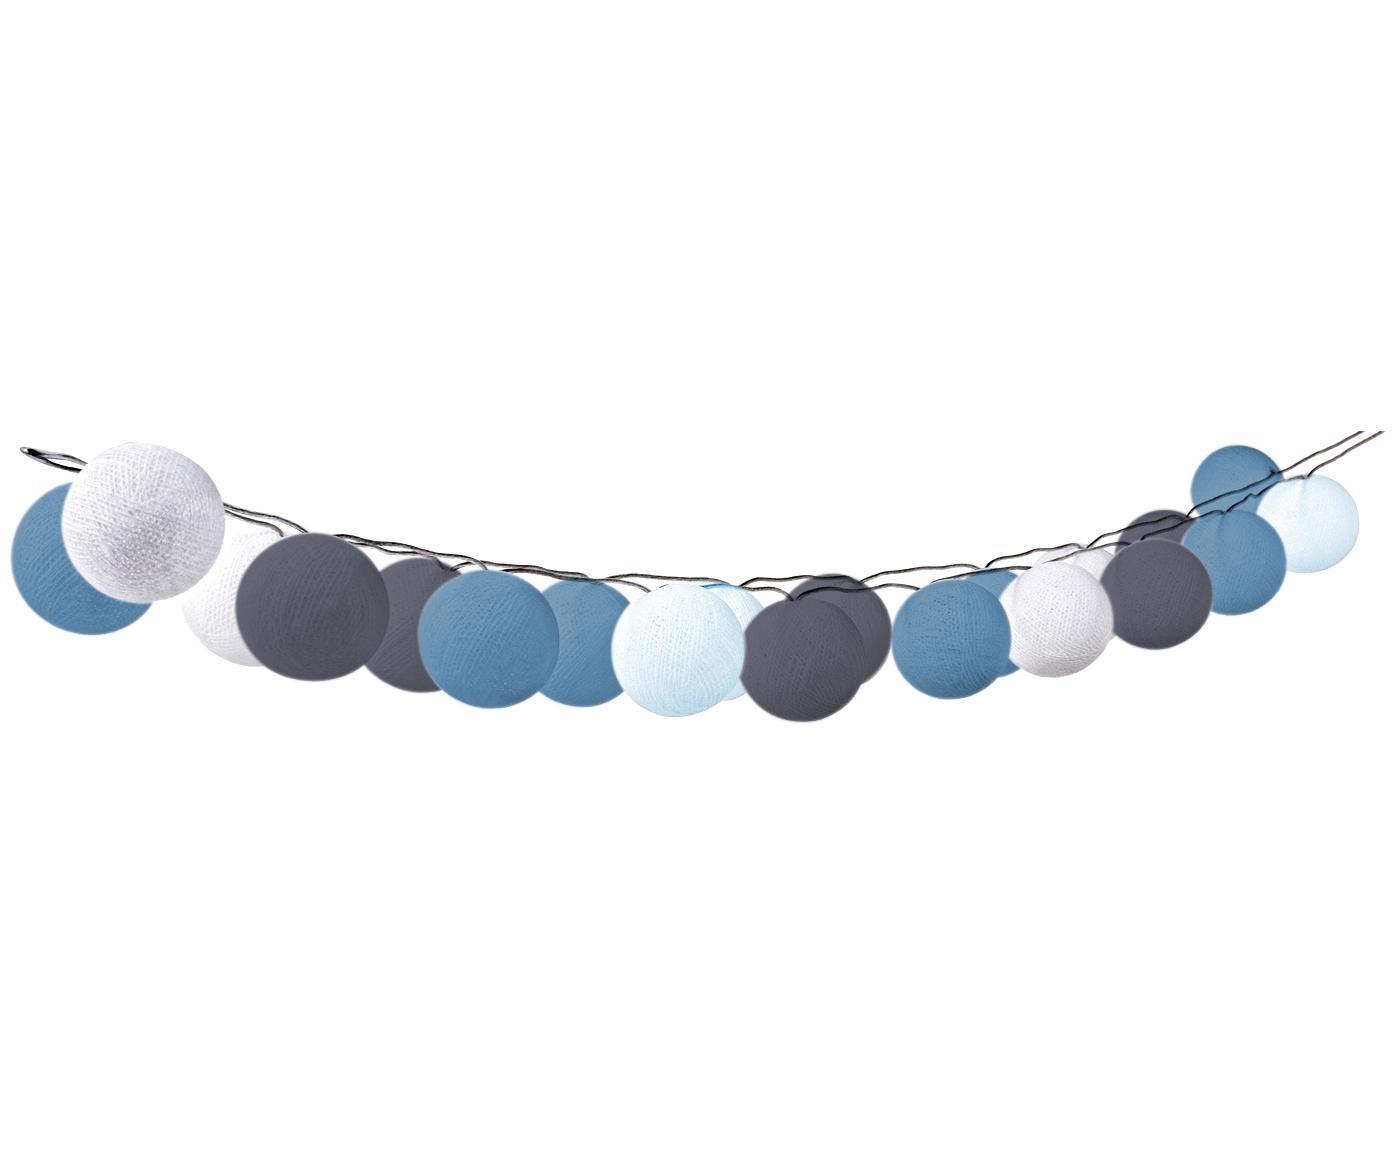 Ghirlanda  a LED Bellin, 320 cm, Lanterne: cotone, Blu, azzurro, blu scuro, bianco, Lung. 320 cm